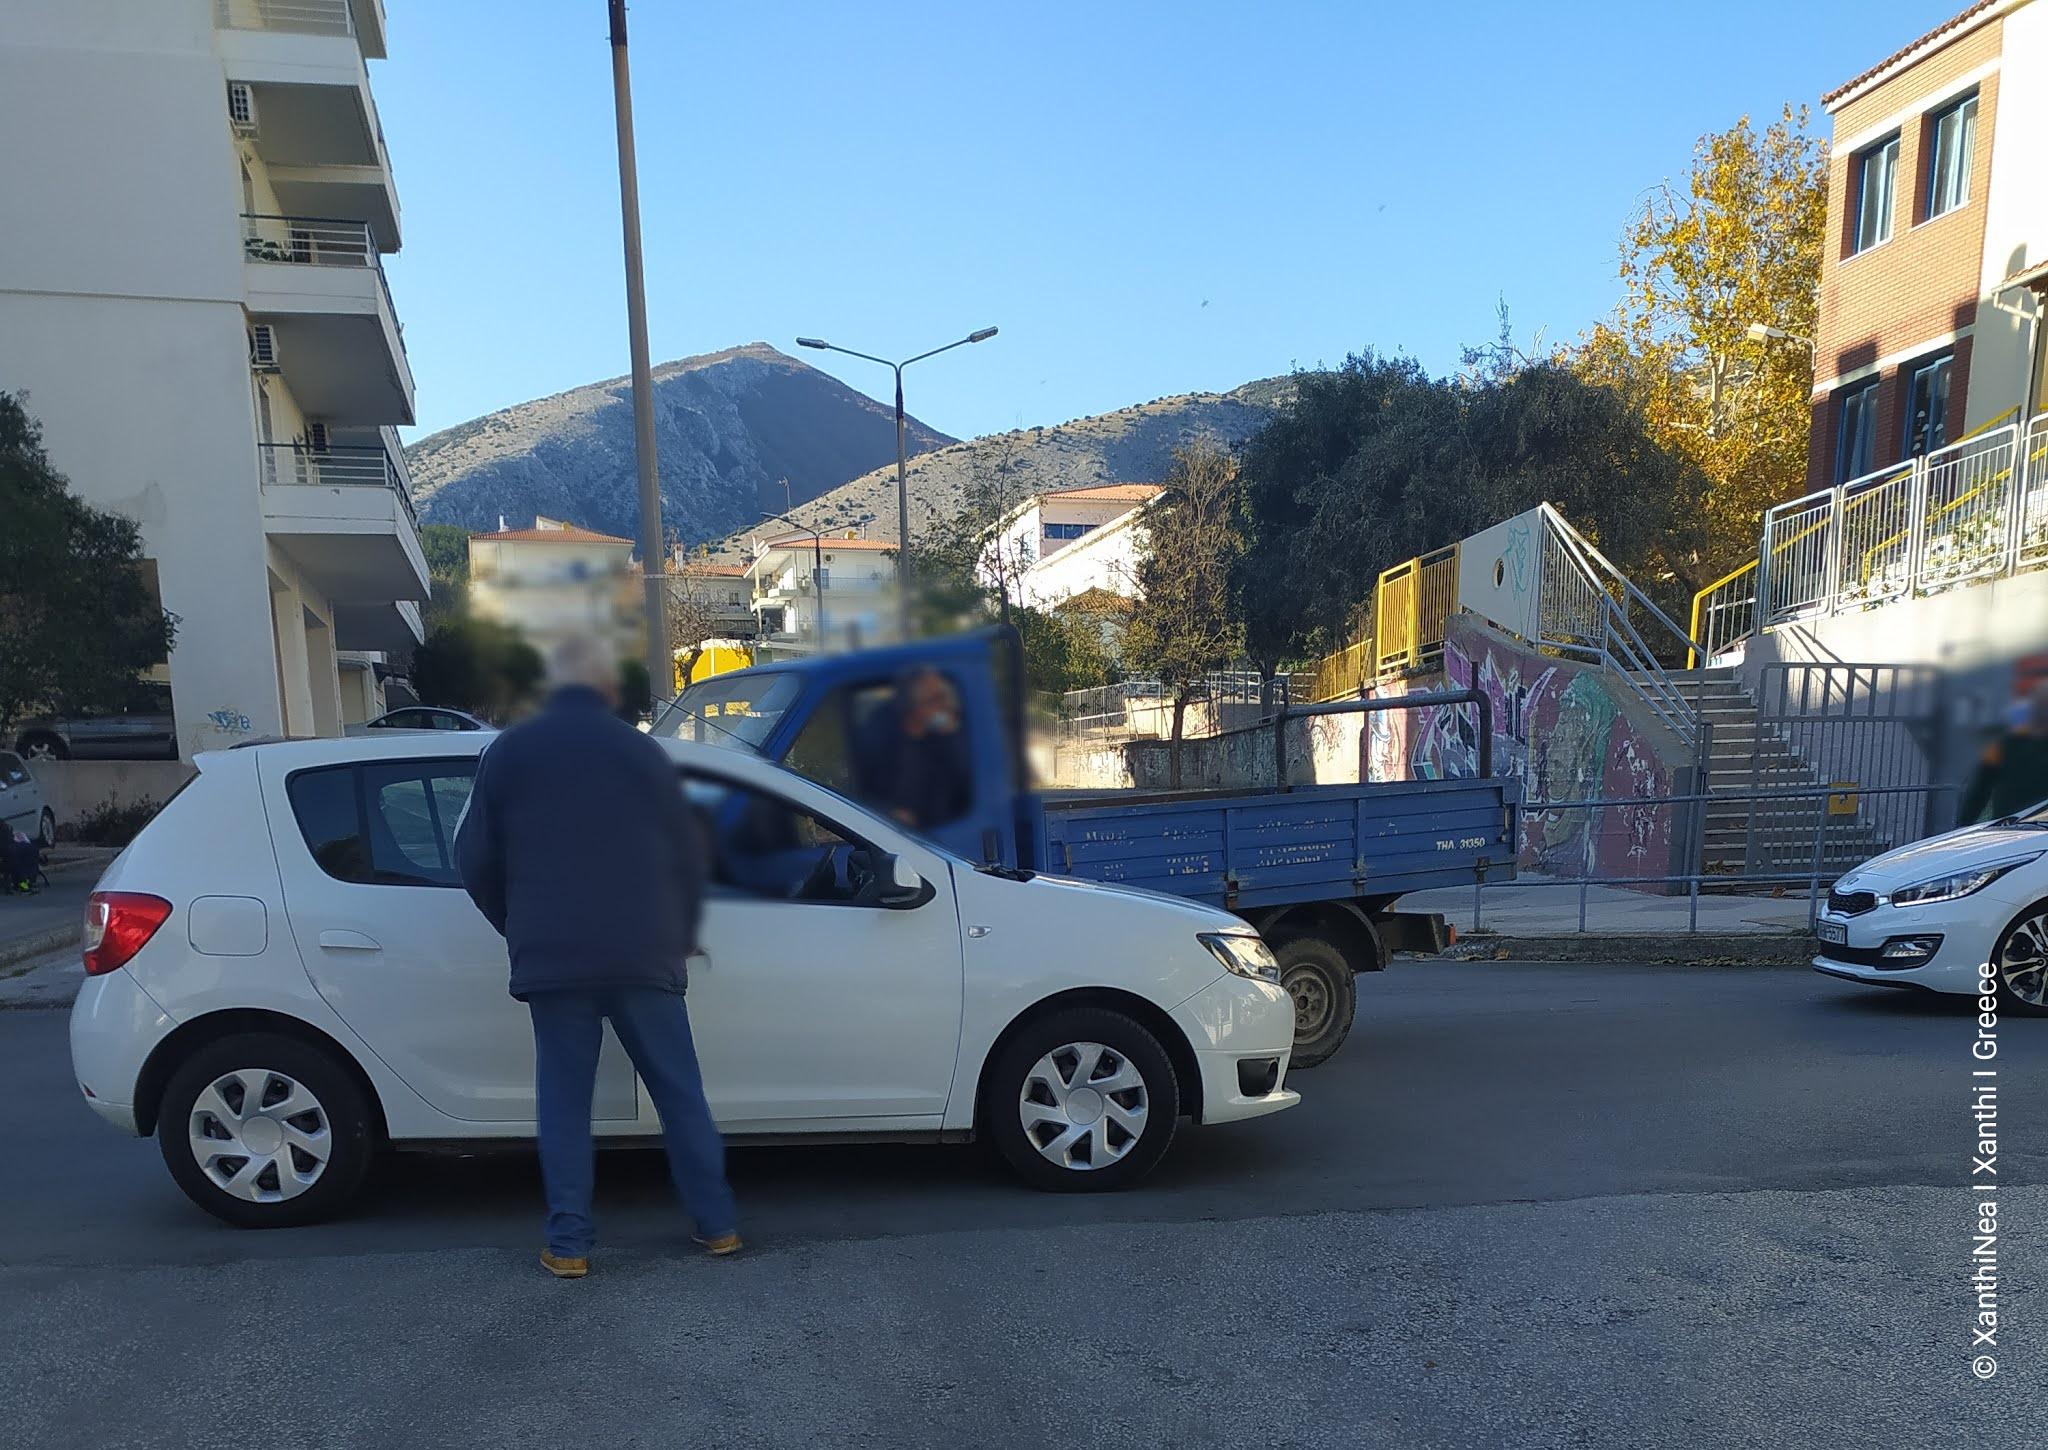 Τροχαίο ατύχημα στην Ξάνθη - Τράκαραν 2 αυτοκίνητα